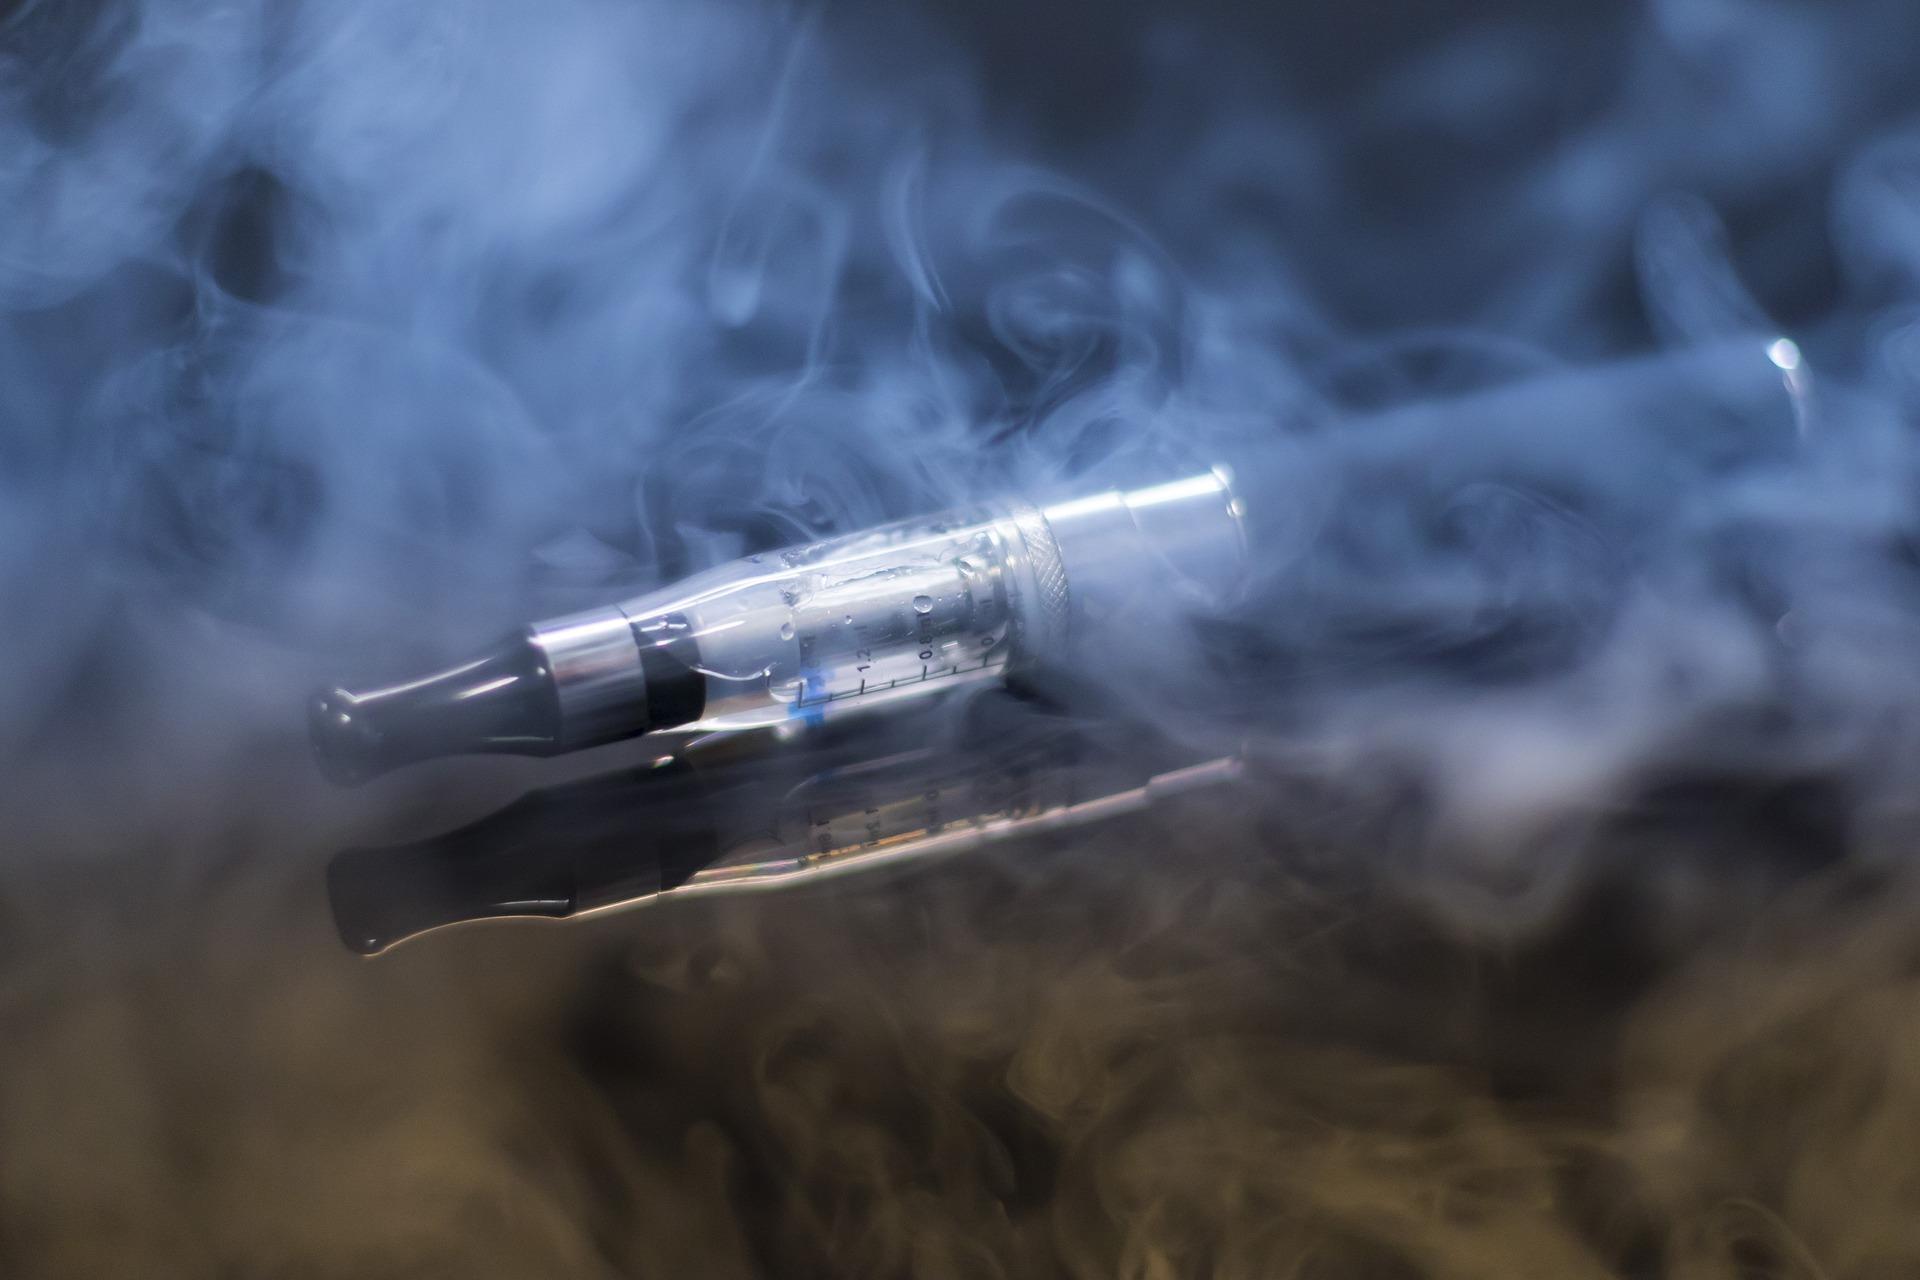 Mundstück der E-Zigarette läuft beim Dampfen heiß